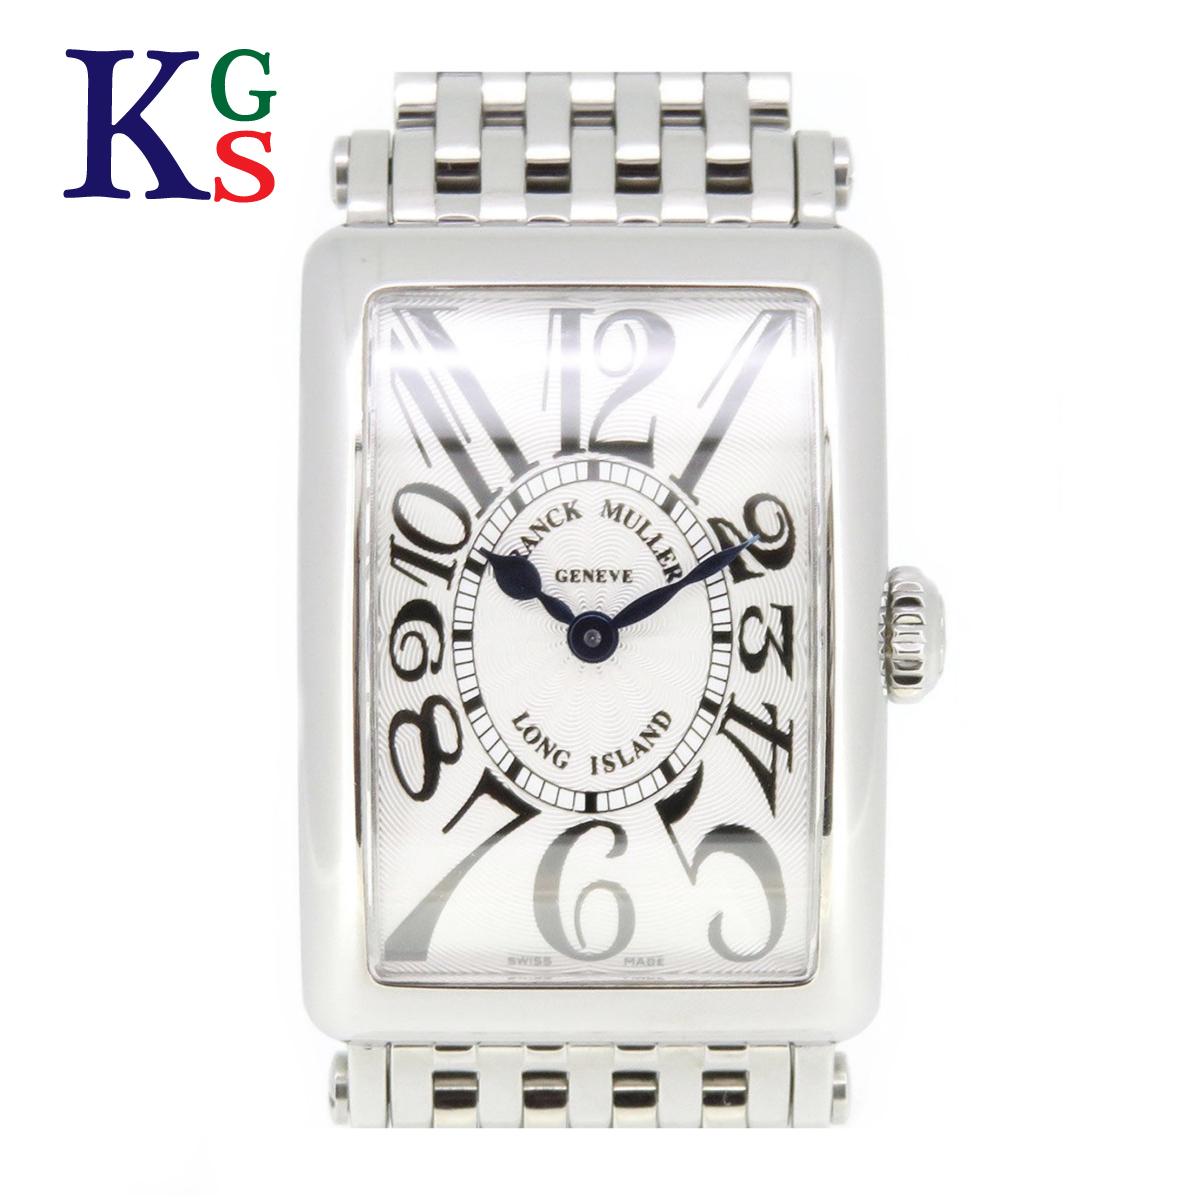 【ギフト品質】フランクミュラー/FRANCK MULLER レディース腕時計 ロングアイランド シルバー文字盤 ステンレススチール クオーツ 902QZ